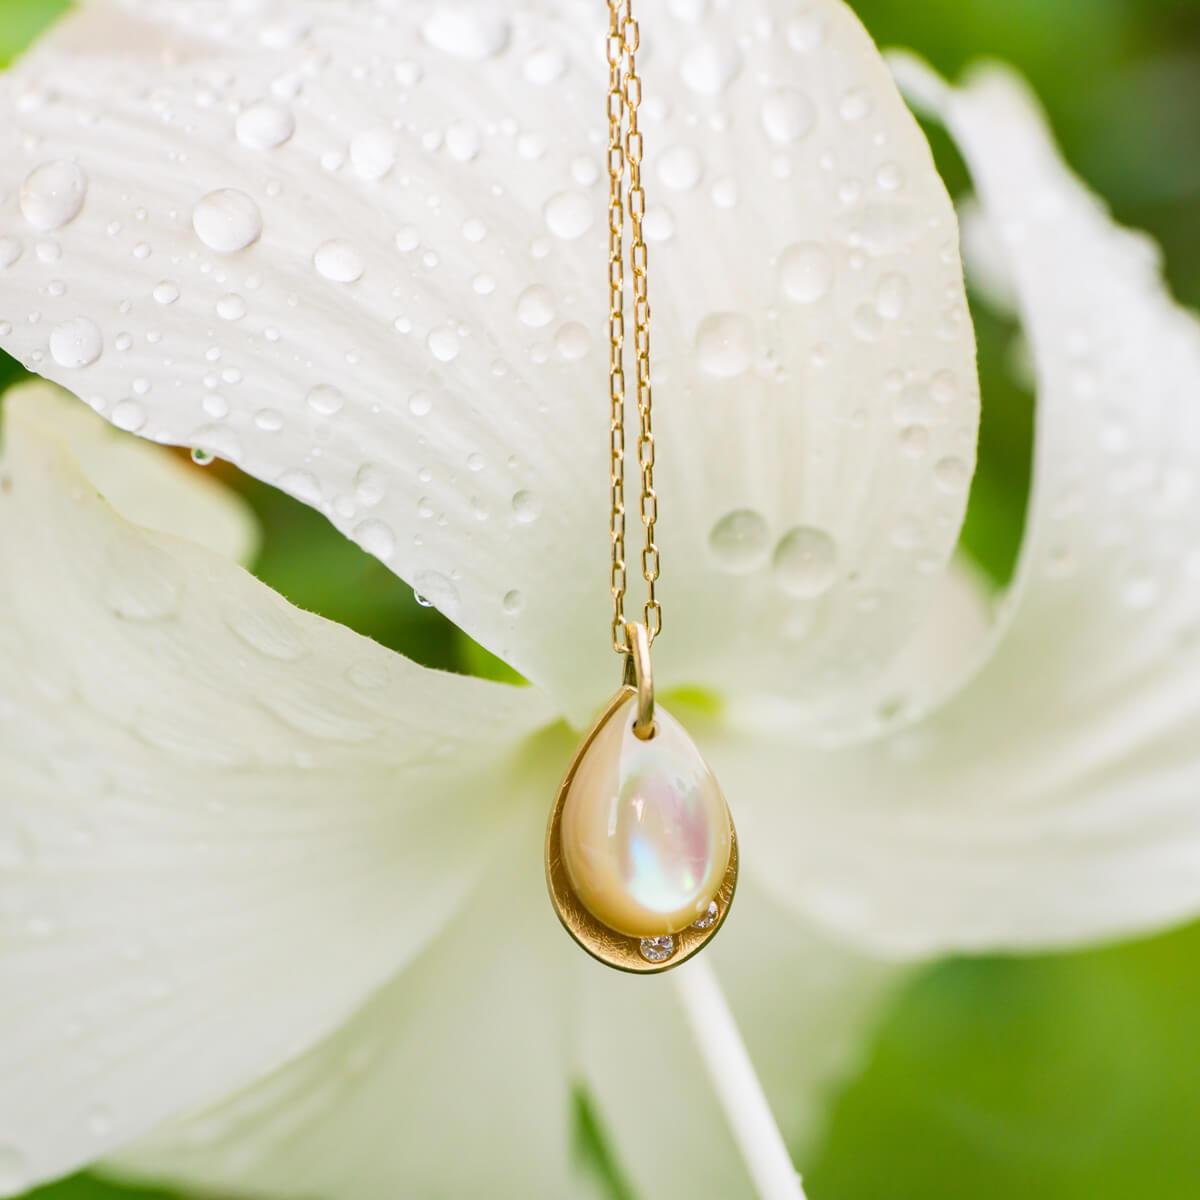 しずく型のネックレス、屋久島のハイビスカス、屋久島の雨 夜光貝、ゴールド、ダイヤモンド 屋久島雨とジュエリー オーダーメイドのマリッジリング